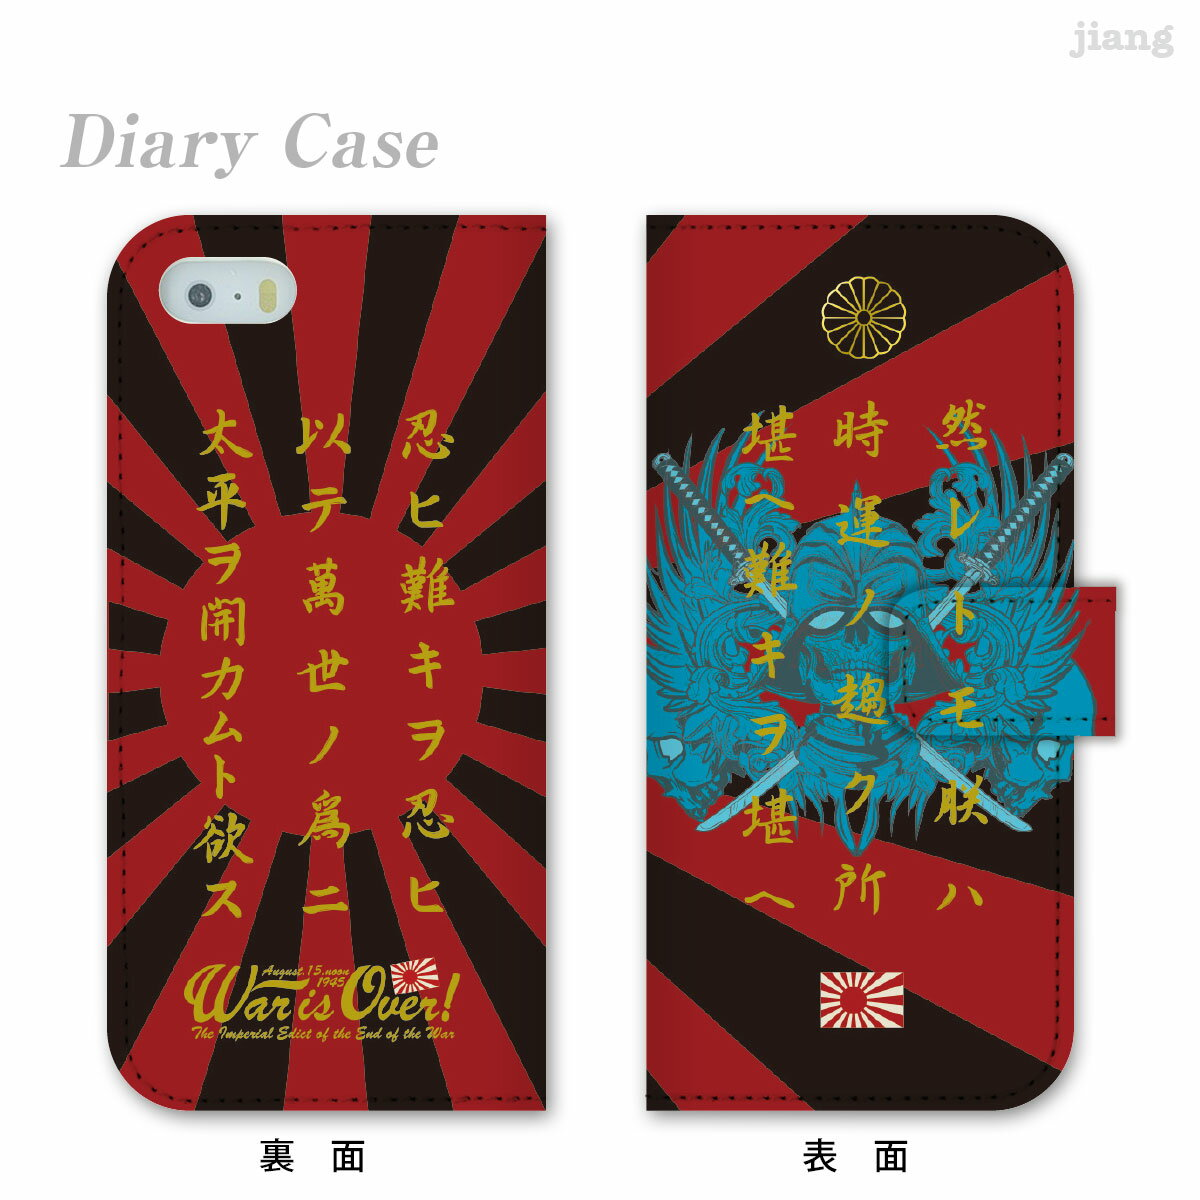 スマホケース 手帳型 全機種対応 手帳 ケース カバー レザー iPhoneXS Max iPhoneXR iPhoneX iPhone8 iPhone7 iPhone Xperia 1 SO-03L SOV40 Ase XZ3 SO-01L XZ2 SO-05K XZ1 XZ aquos R3 sh-04l shv44 R2 sh-04k sense2 galaxy S10 S9 S8 ドラゴン 龍 01-ip5-ds2387